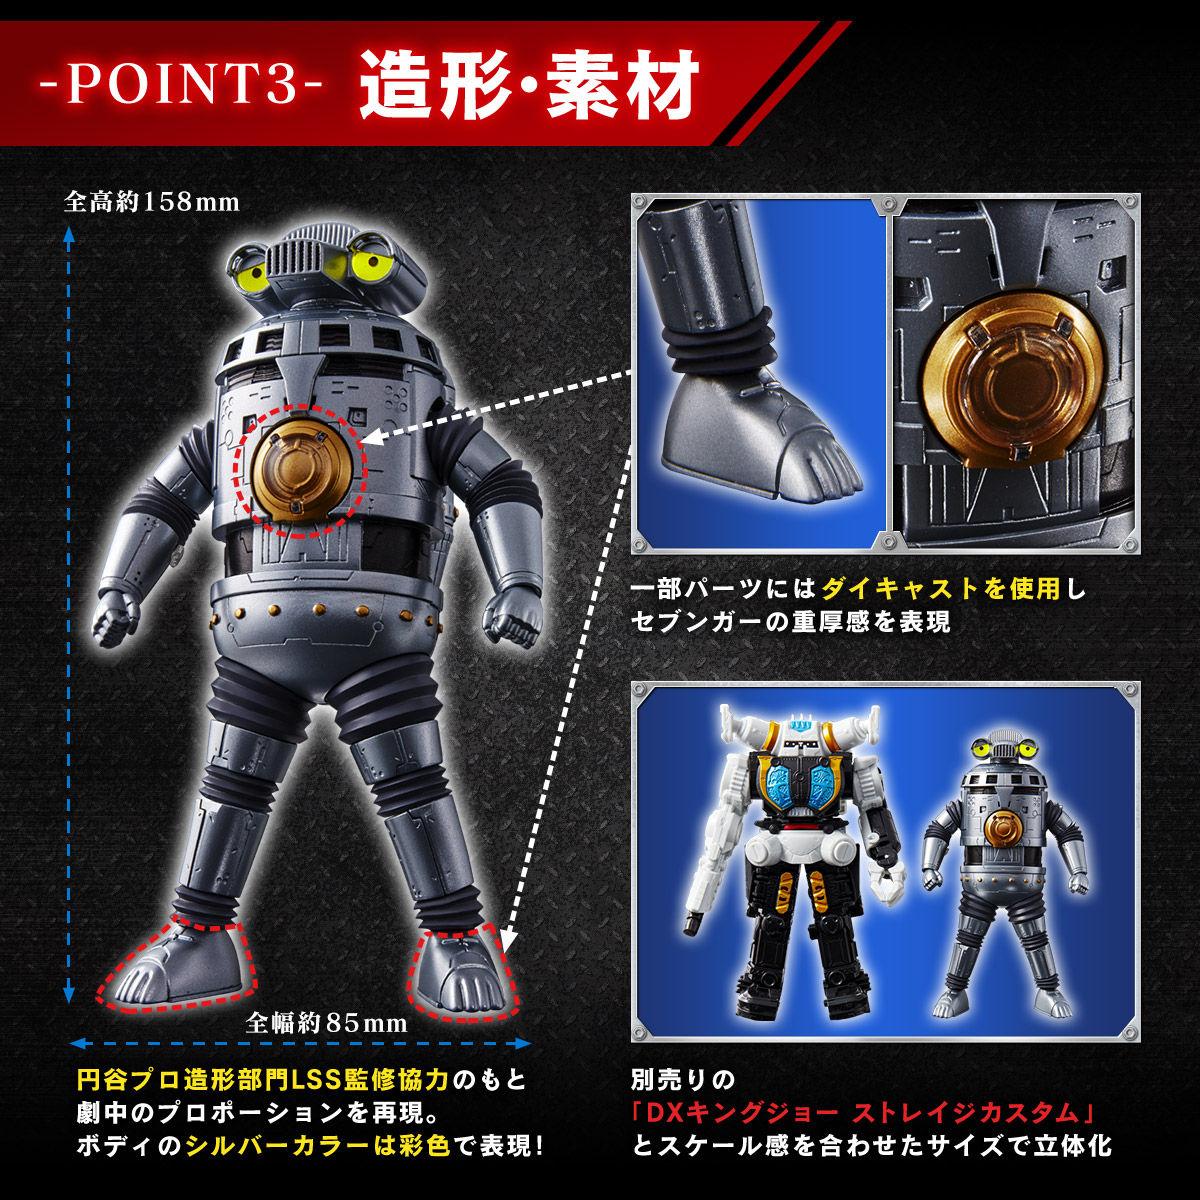 【限定販売】ウルトラマンZ『光る!鳴る! 特空機1号 セブンガー』可動フィギュア-003